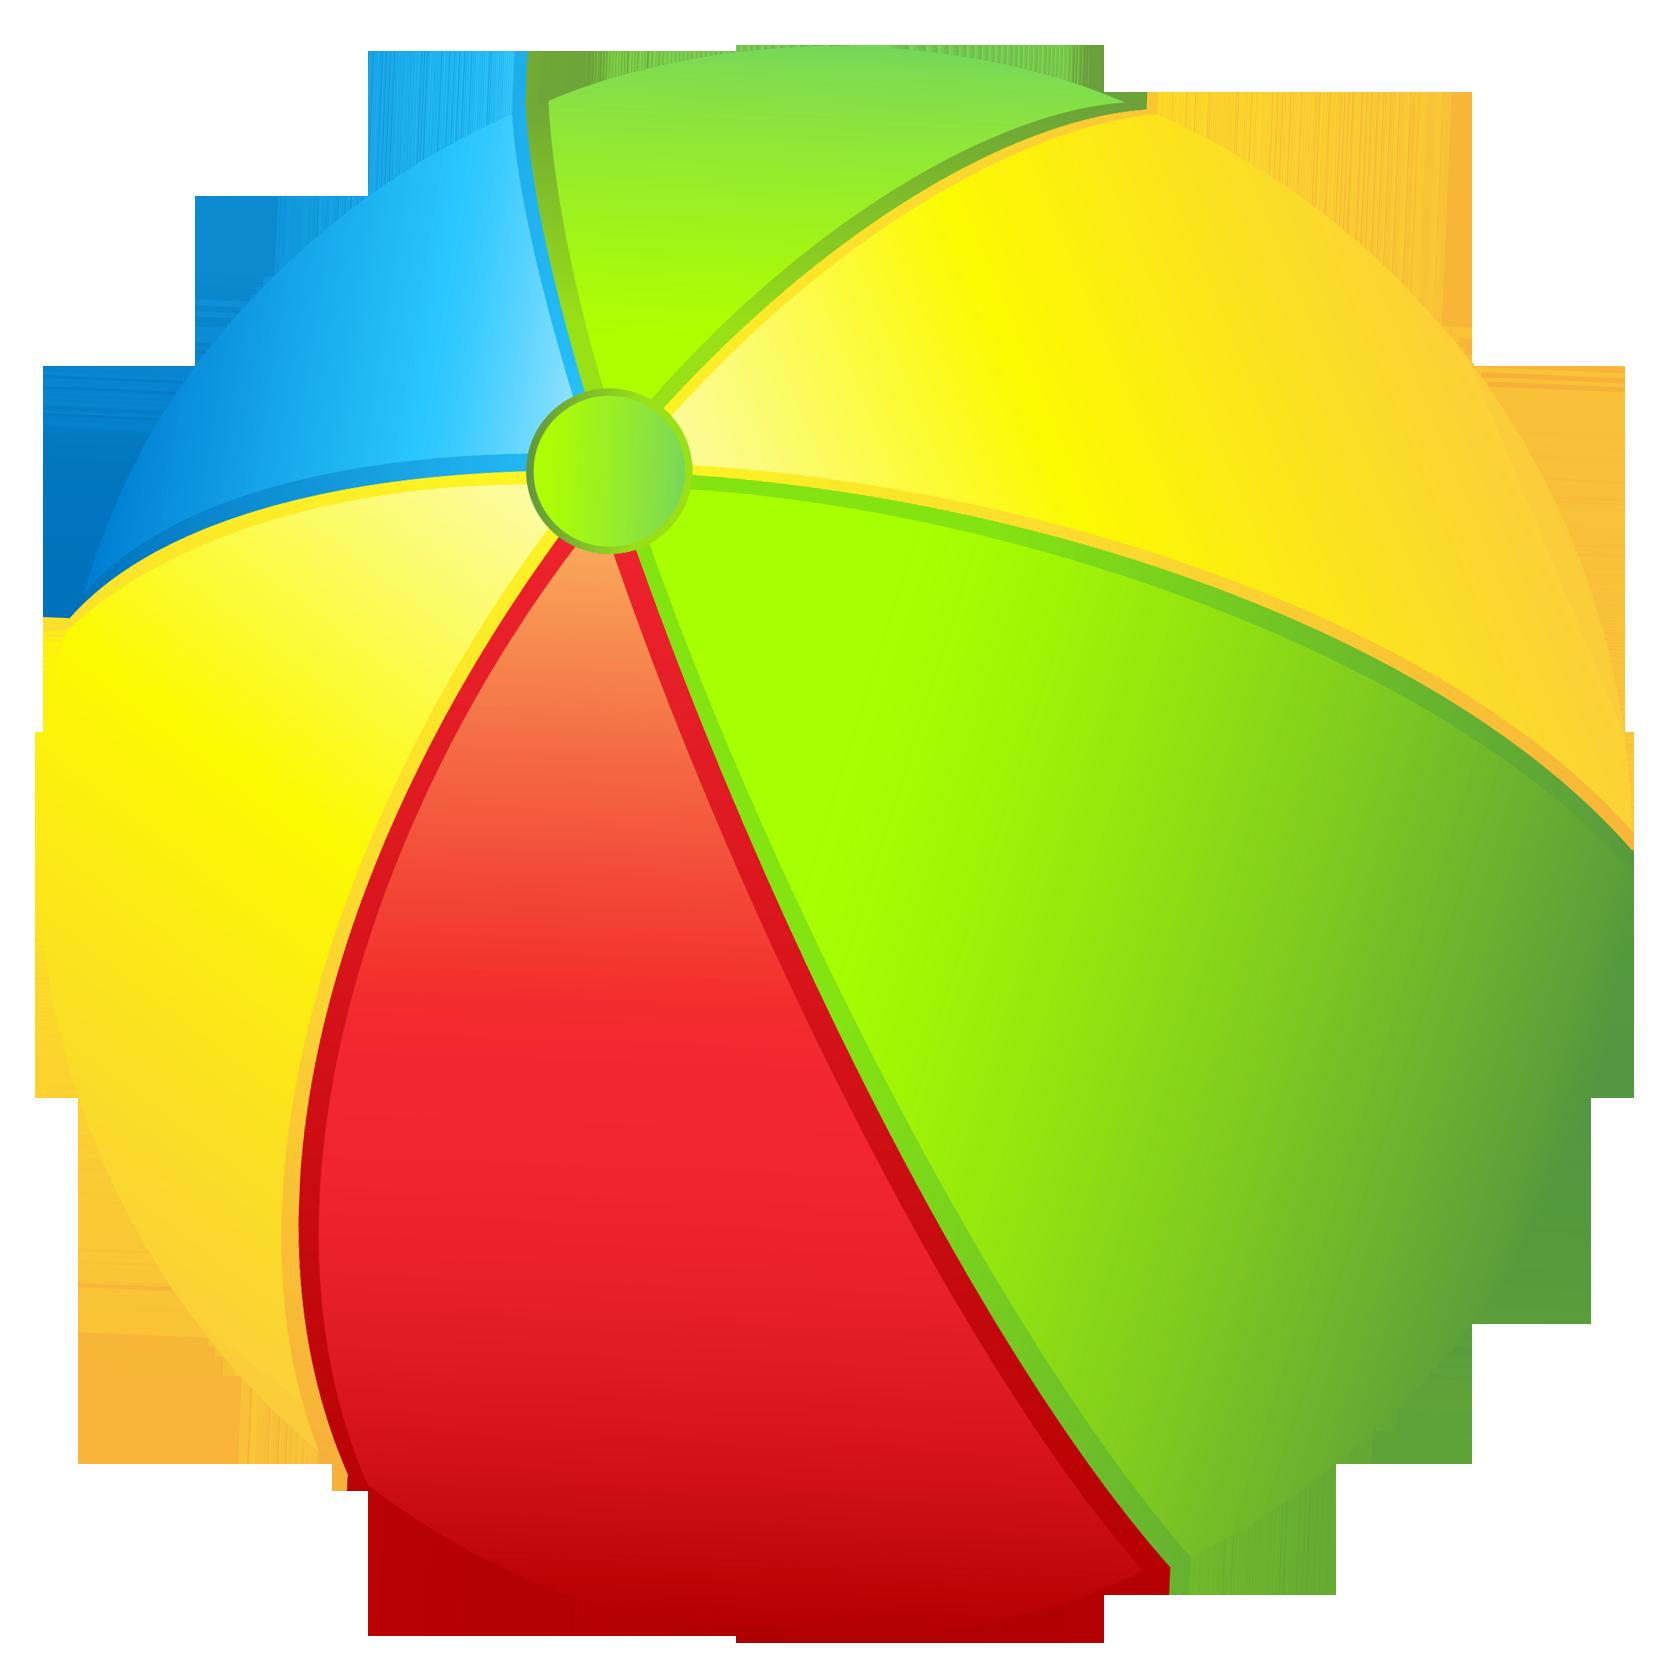 Ball clipart Free Clip beach ball Transparent